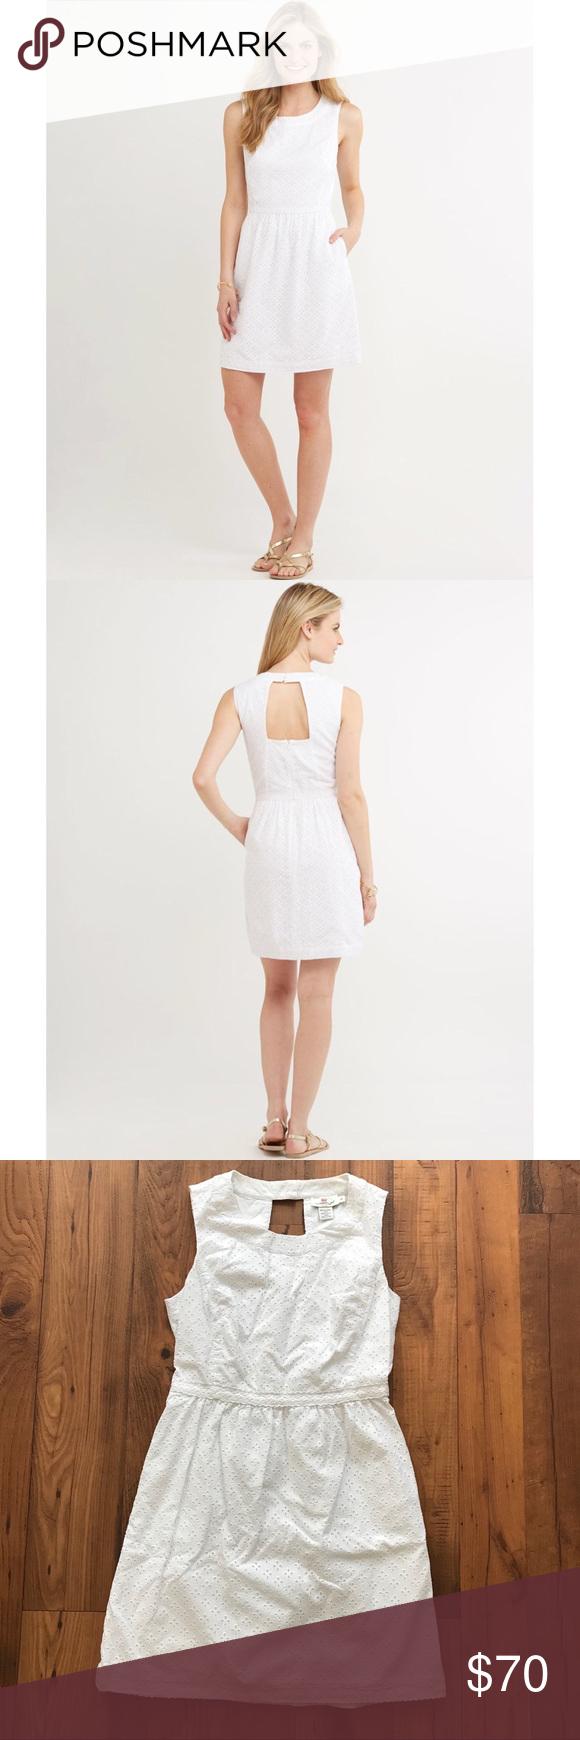 Vineyard Vines White Eyelet Trim Cutout Back Dress Vineyard Vines White Eyelet Trim Cutout Back Sleeveless Dress The Dress Is Dresses White Eyelet Dress Backs [ 1740 x 580 Pixel ]